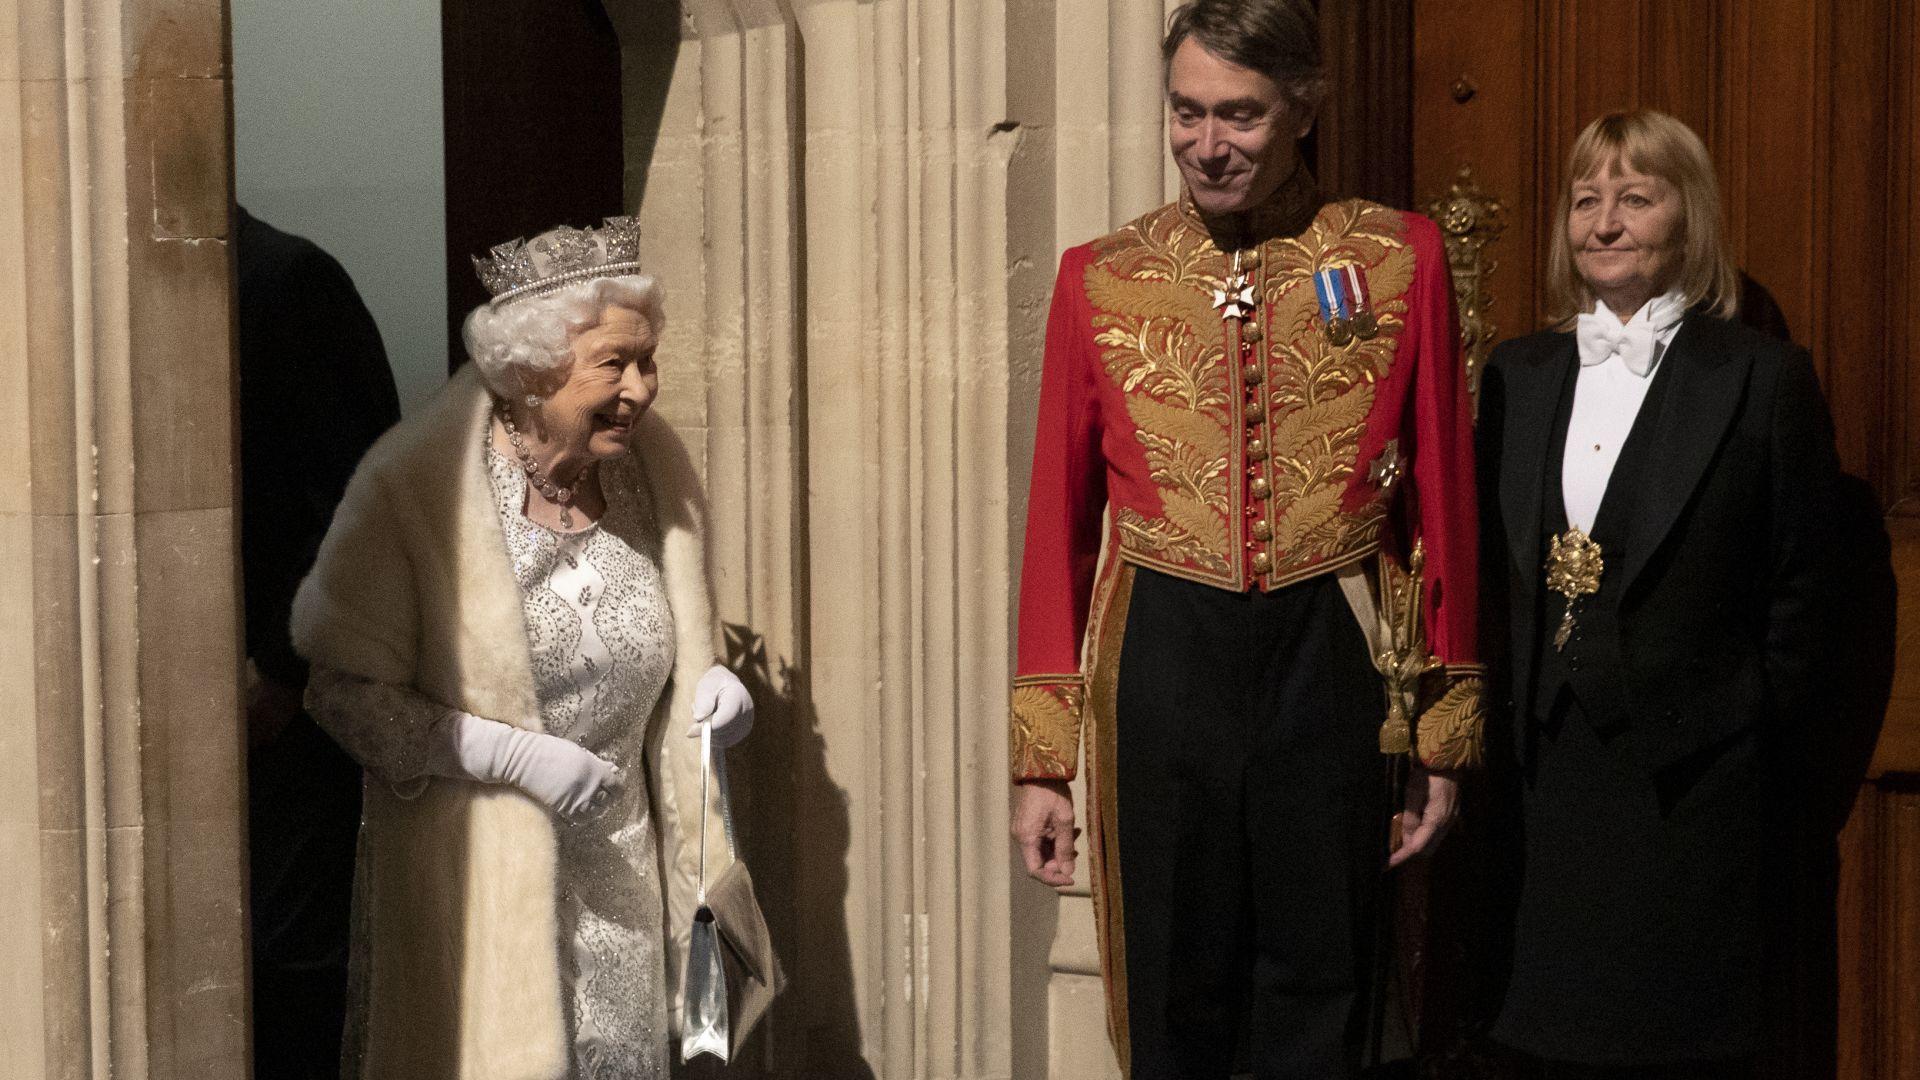 Ограничителните мерки заради новия коронавирус заплашват кралица Елизабет Втора и